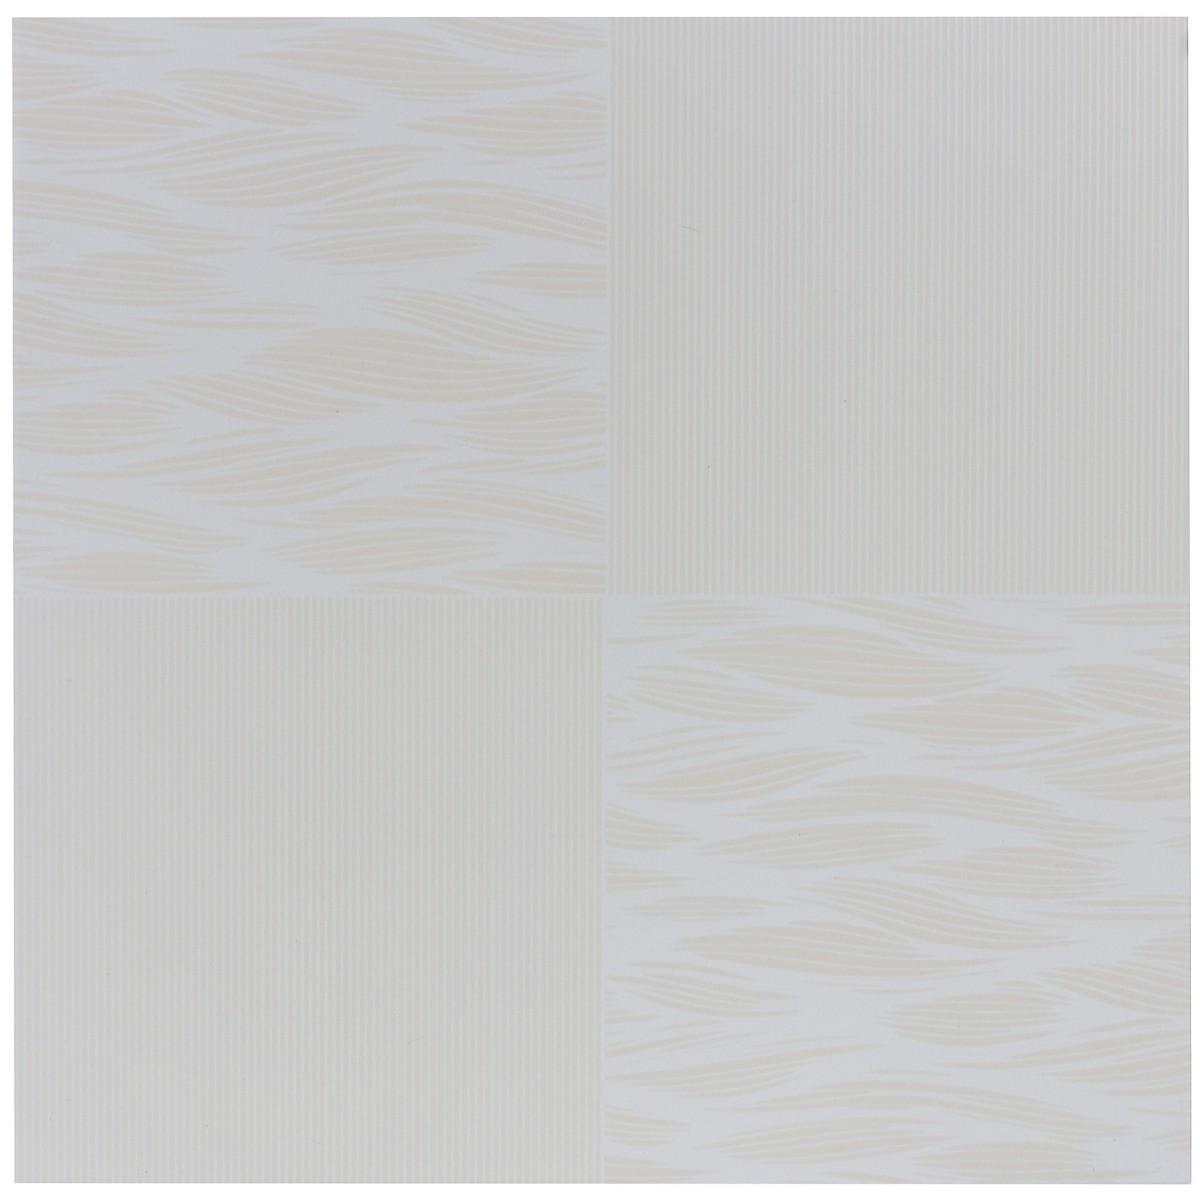 Плитка напольная Эквилибрио 40х40 см 1.76 м2 цвет бежевый